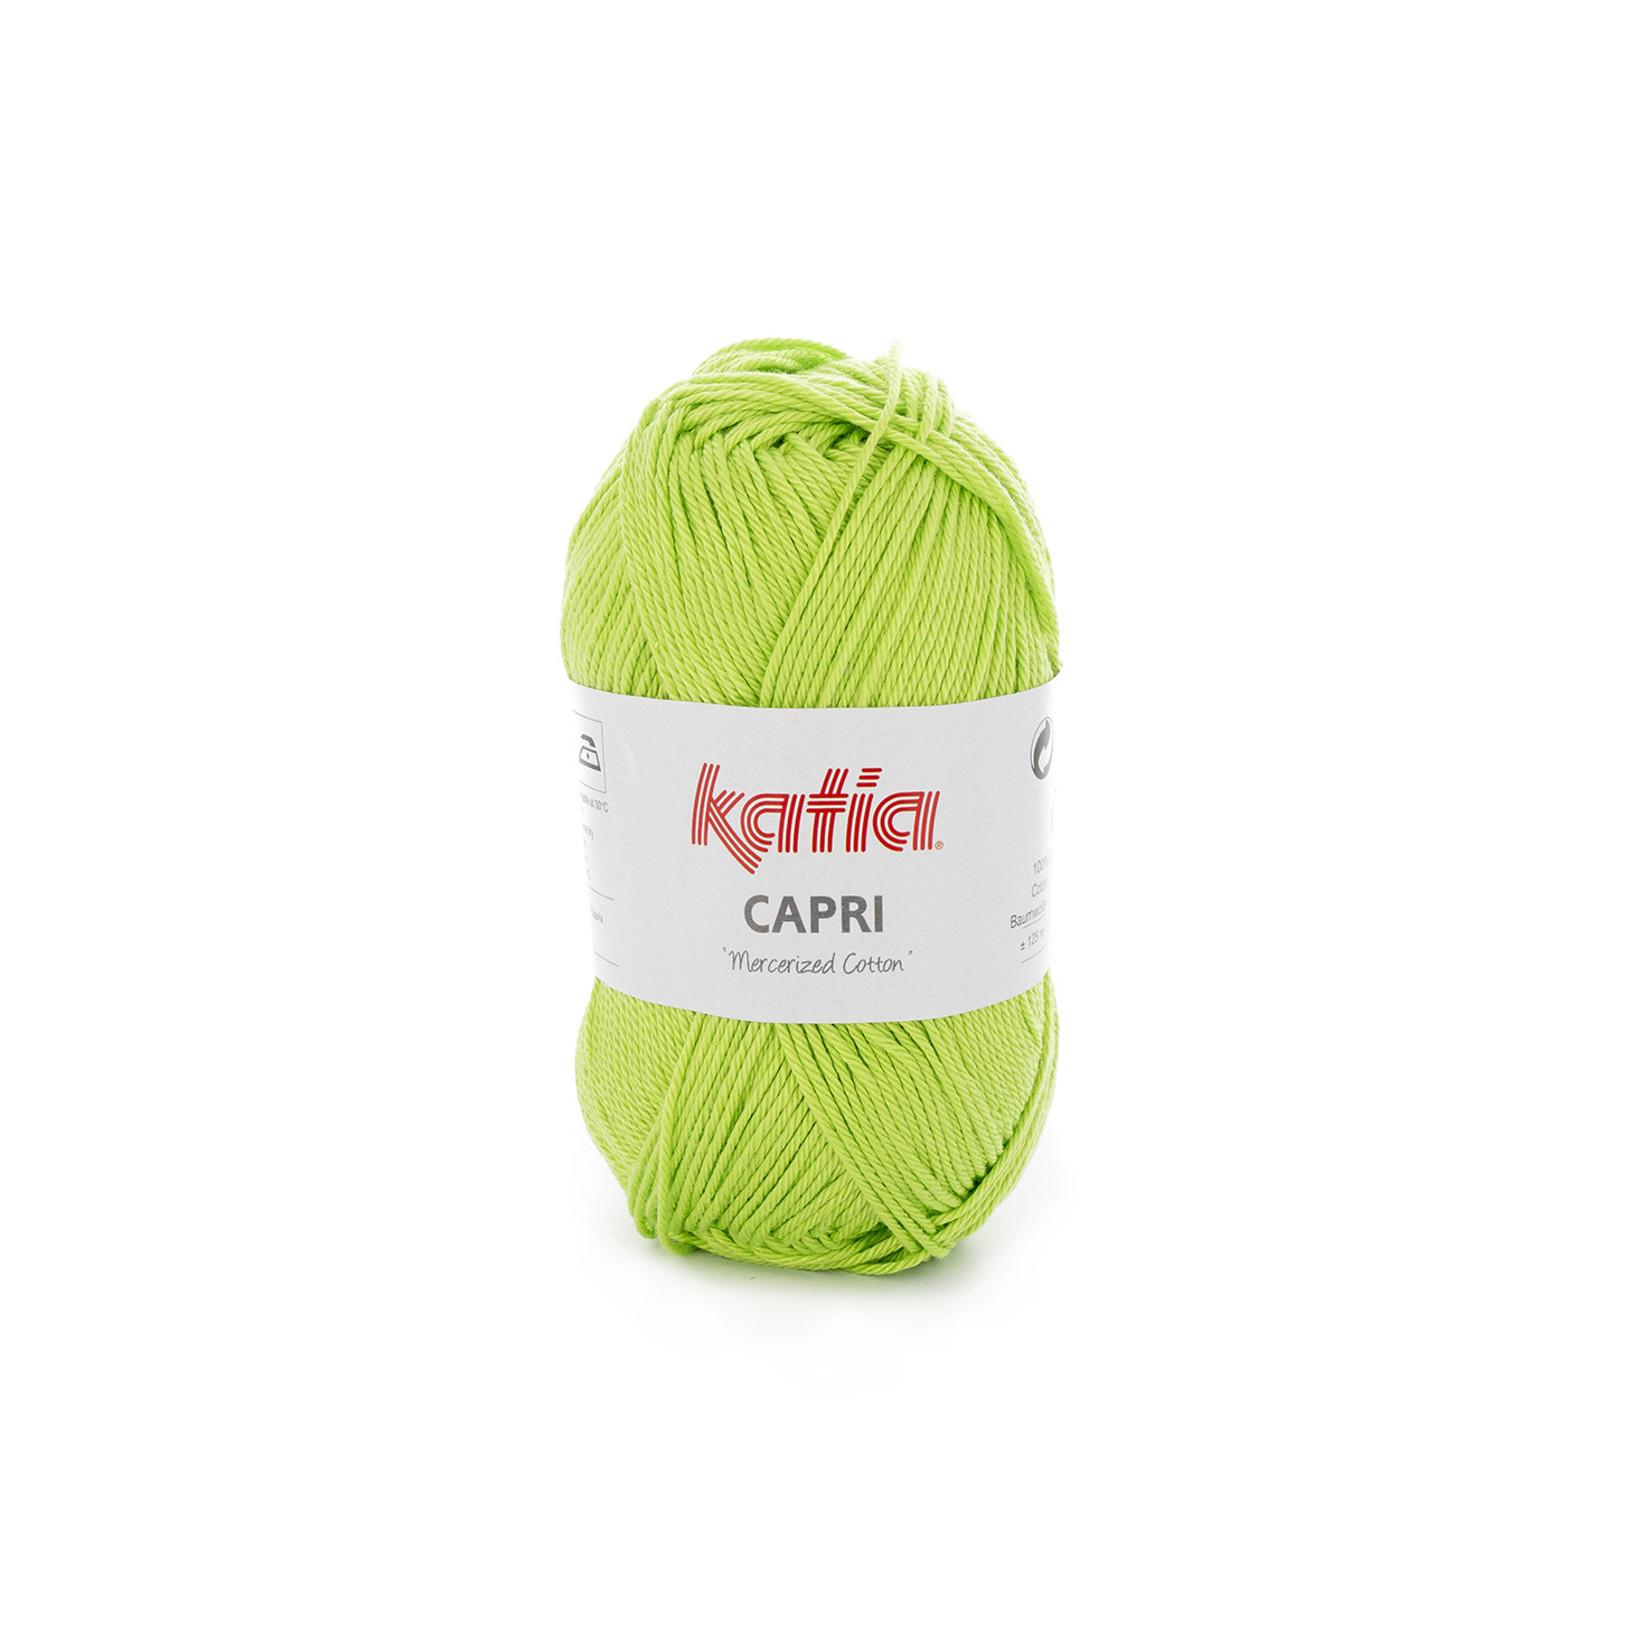 Katia Katia Capri - kleur 160 Geelgroen - 50 gr. = 125 m. - 100% katoen